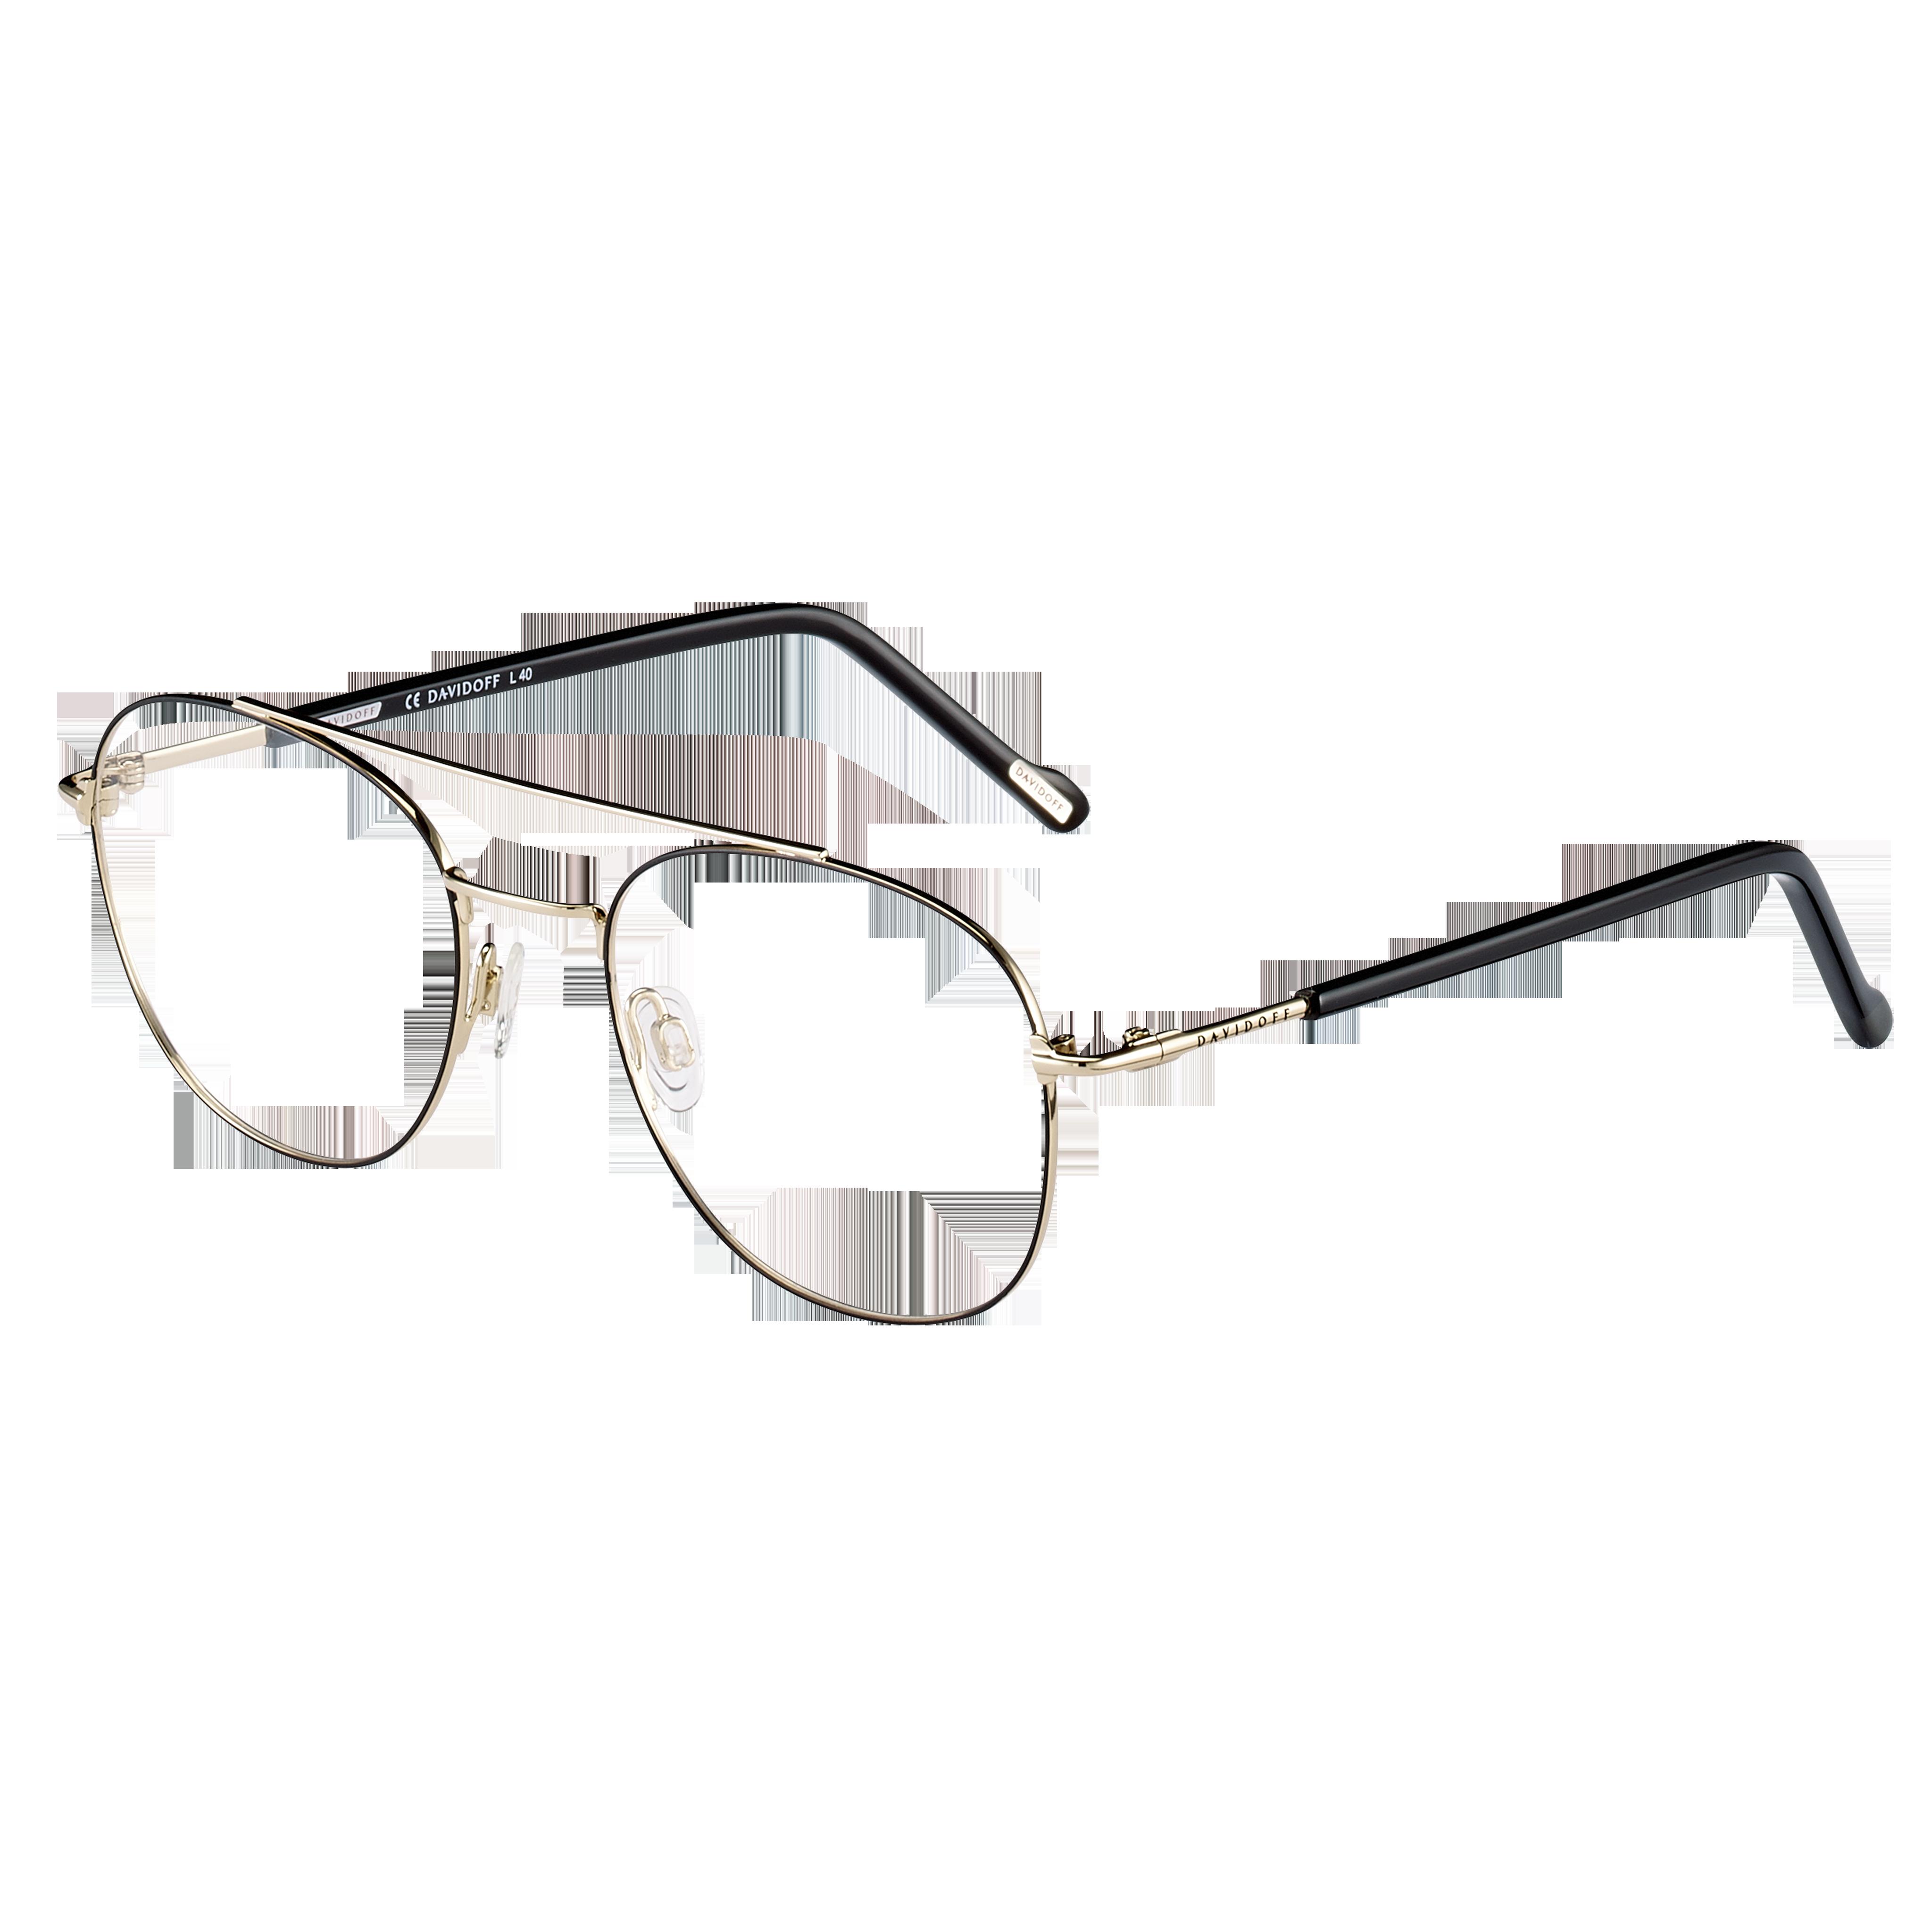 Optical frame – Mod. 93074 color ref. 6000